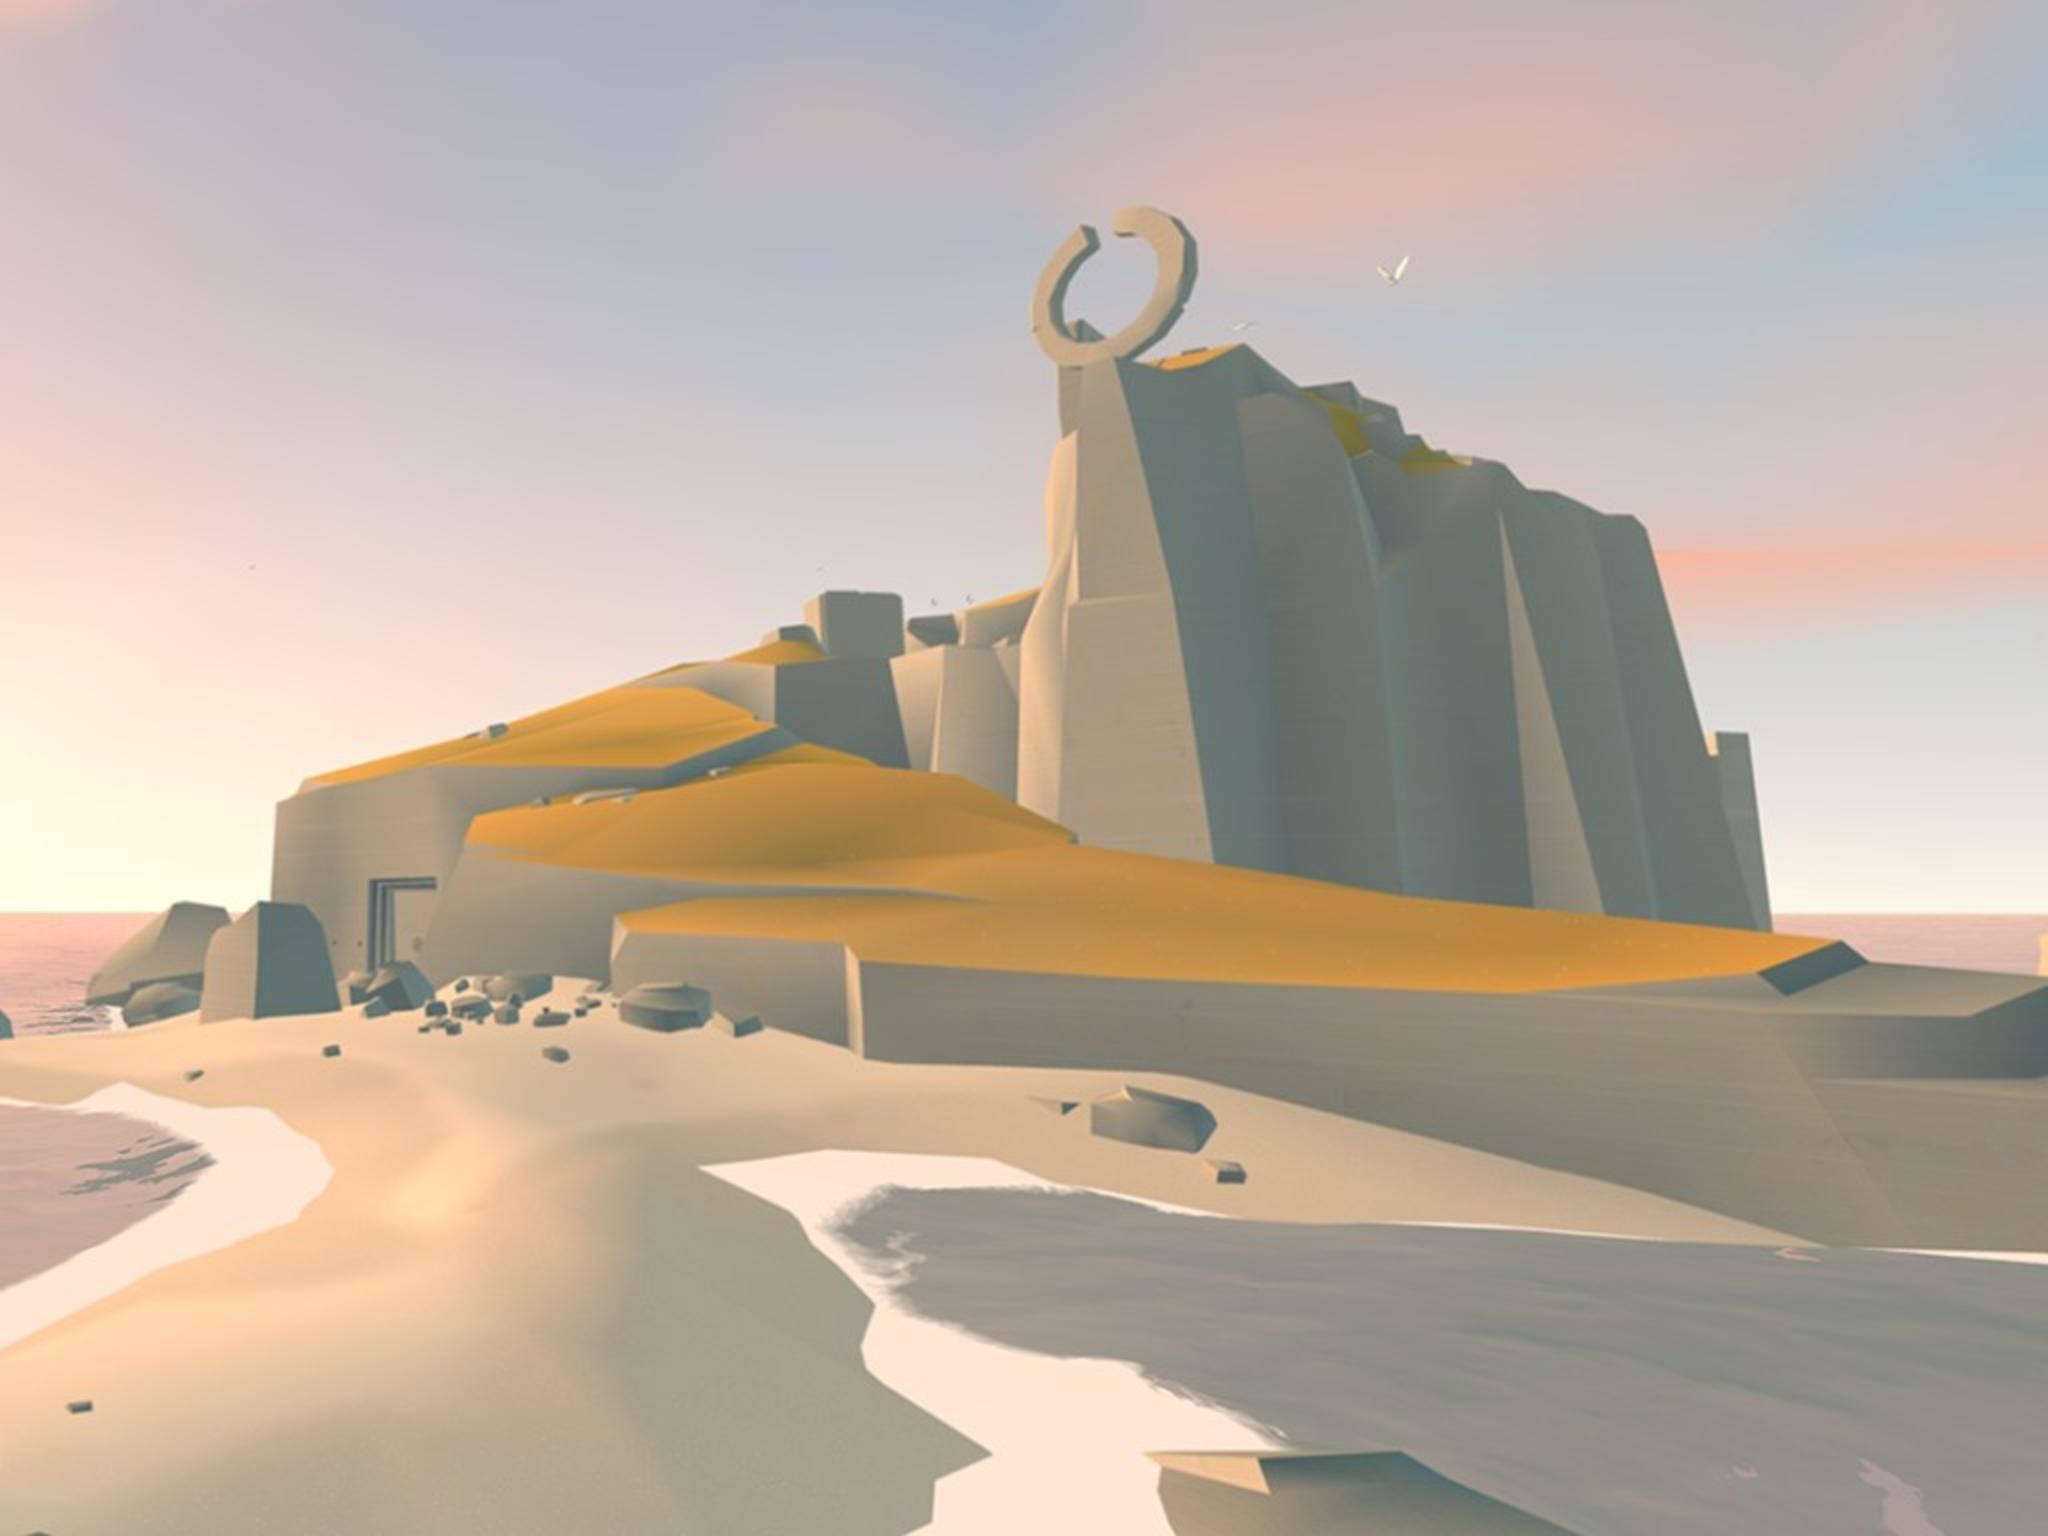 Land's End gilt als eines der besten Gear VR-Spiele.